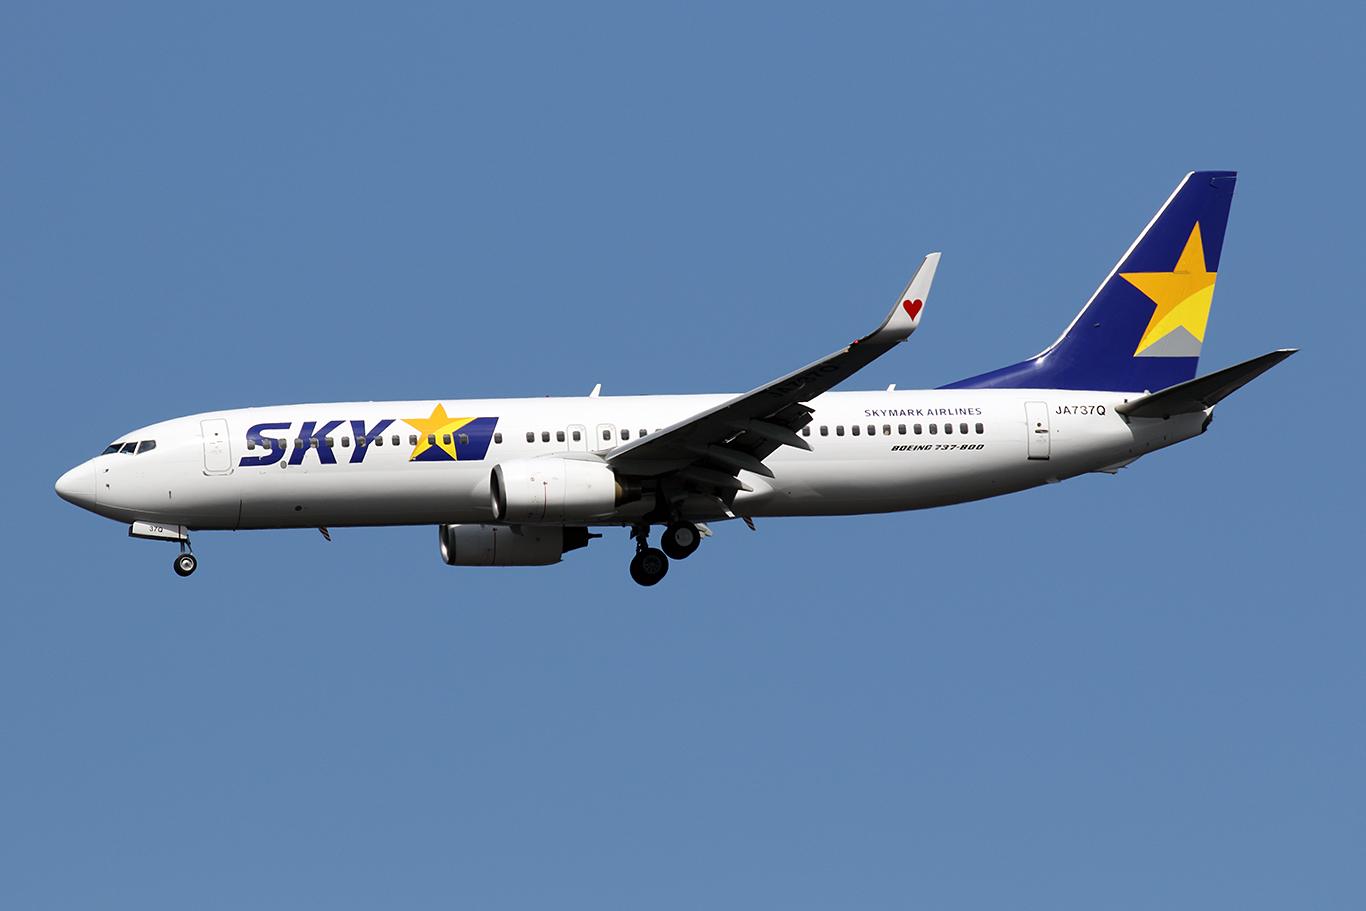 BC/SKY/スカイマーク BC714 B737-800 JA737Q